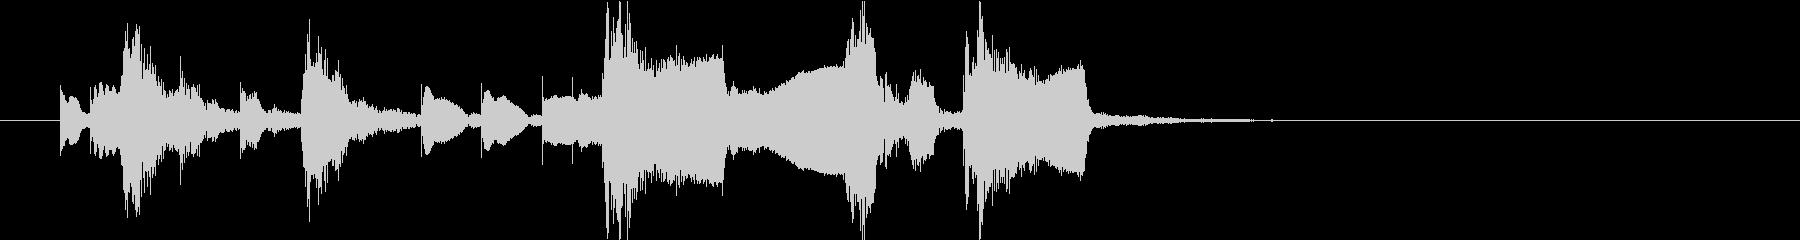 マリンバとグロッケンのほのぼの系ジングルの未再生の波形